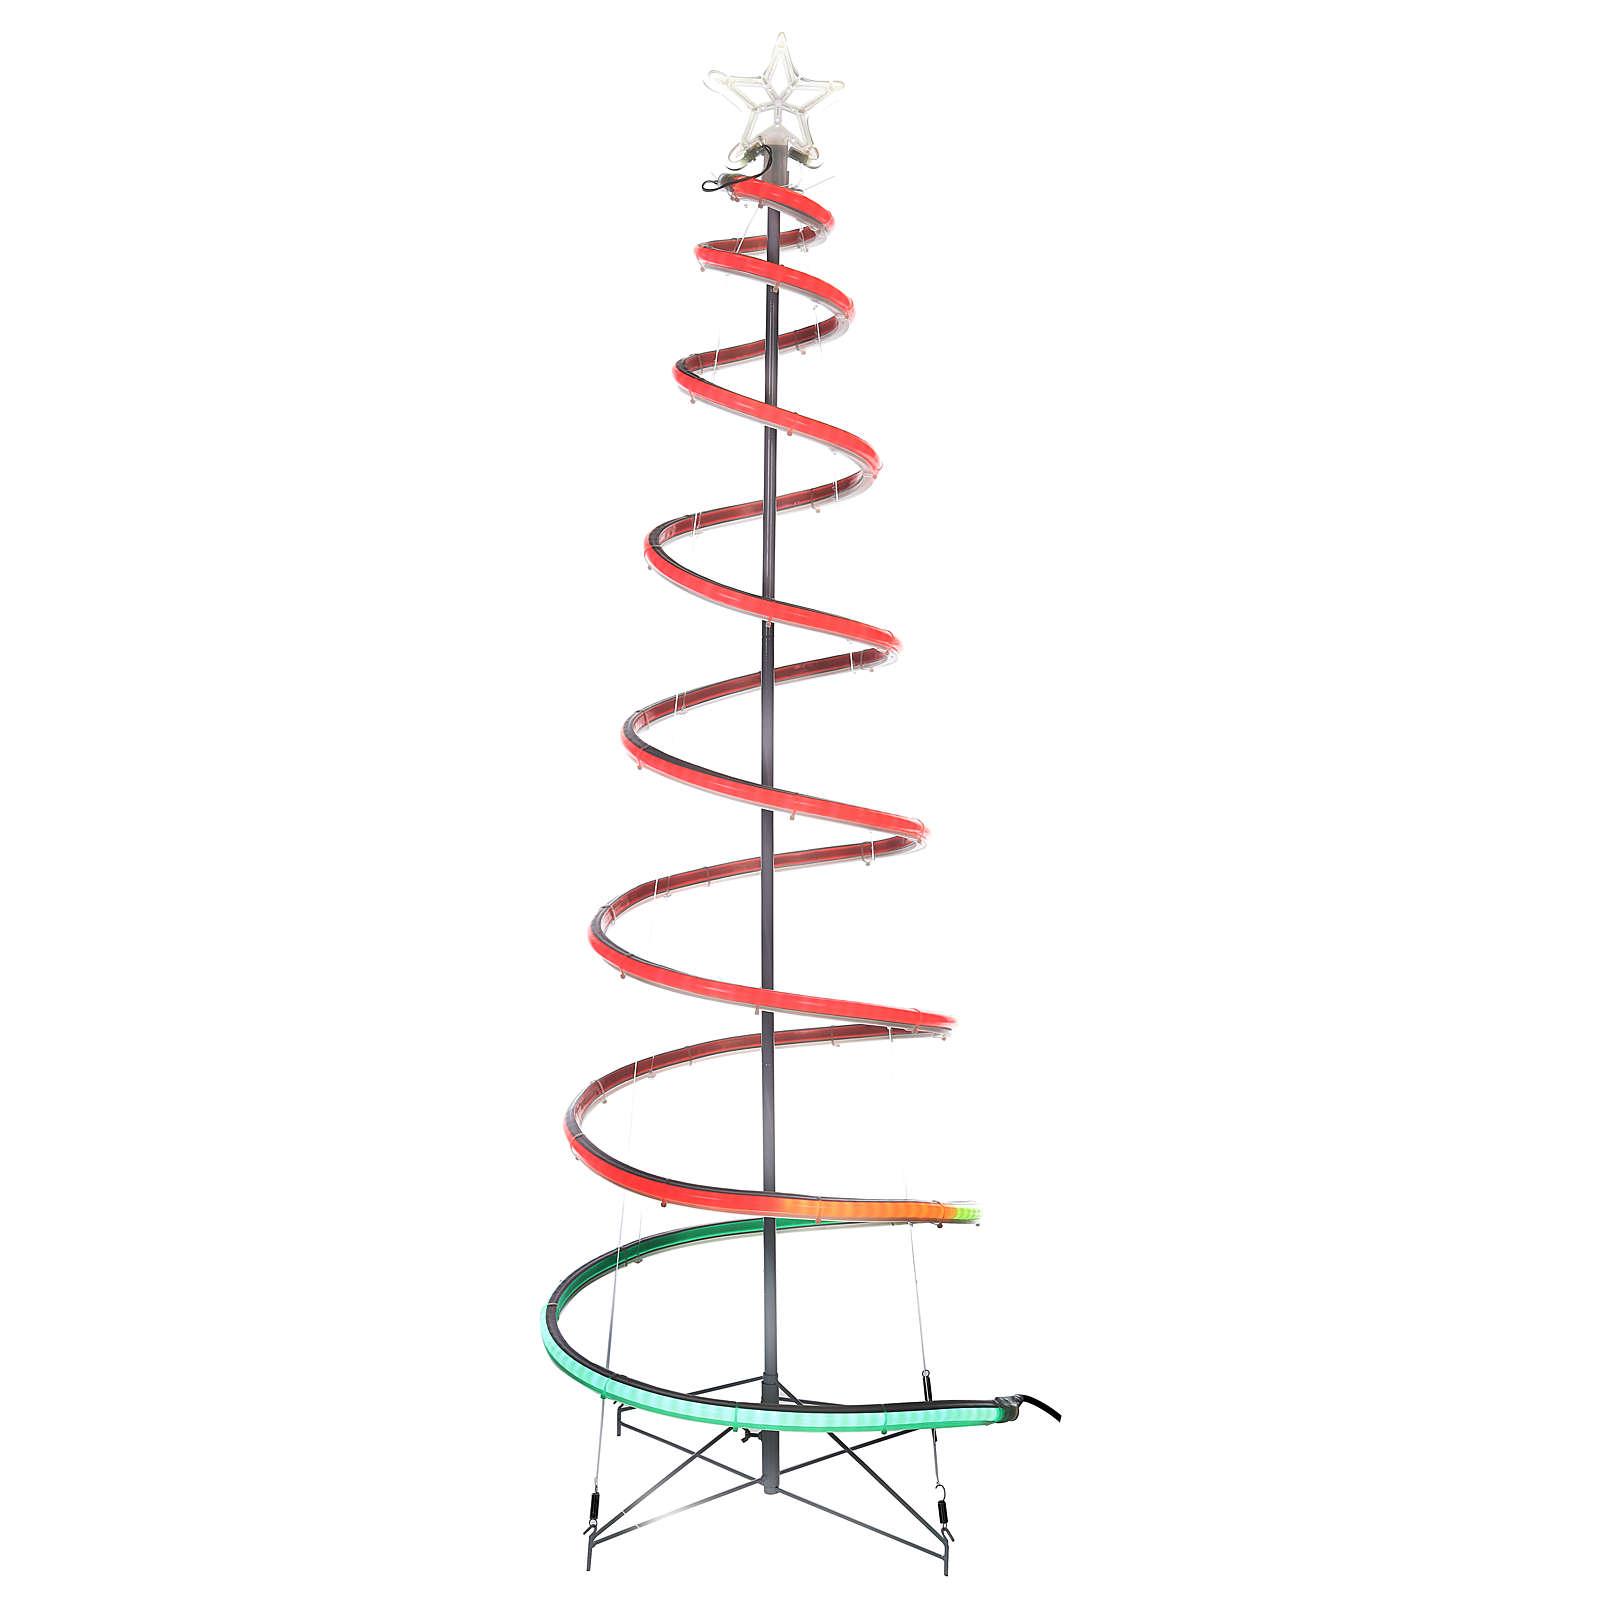 Arbre en spirale 496 LED RGB multicolores courant piles 3